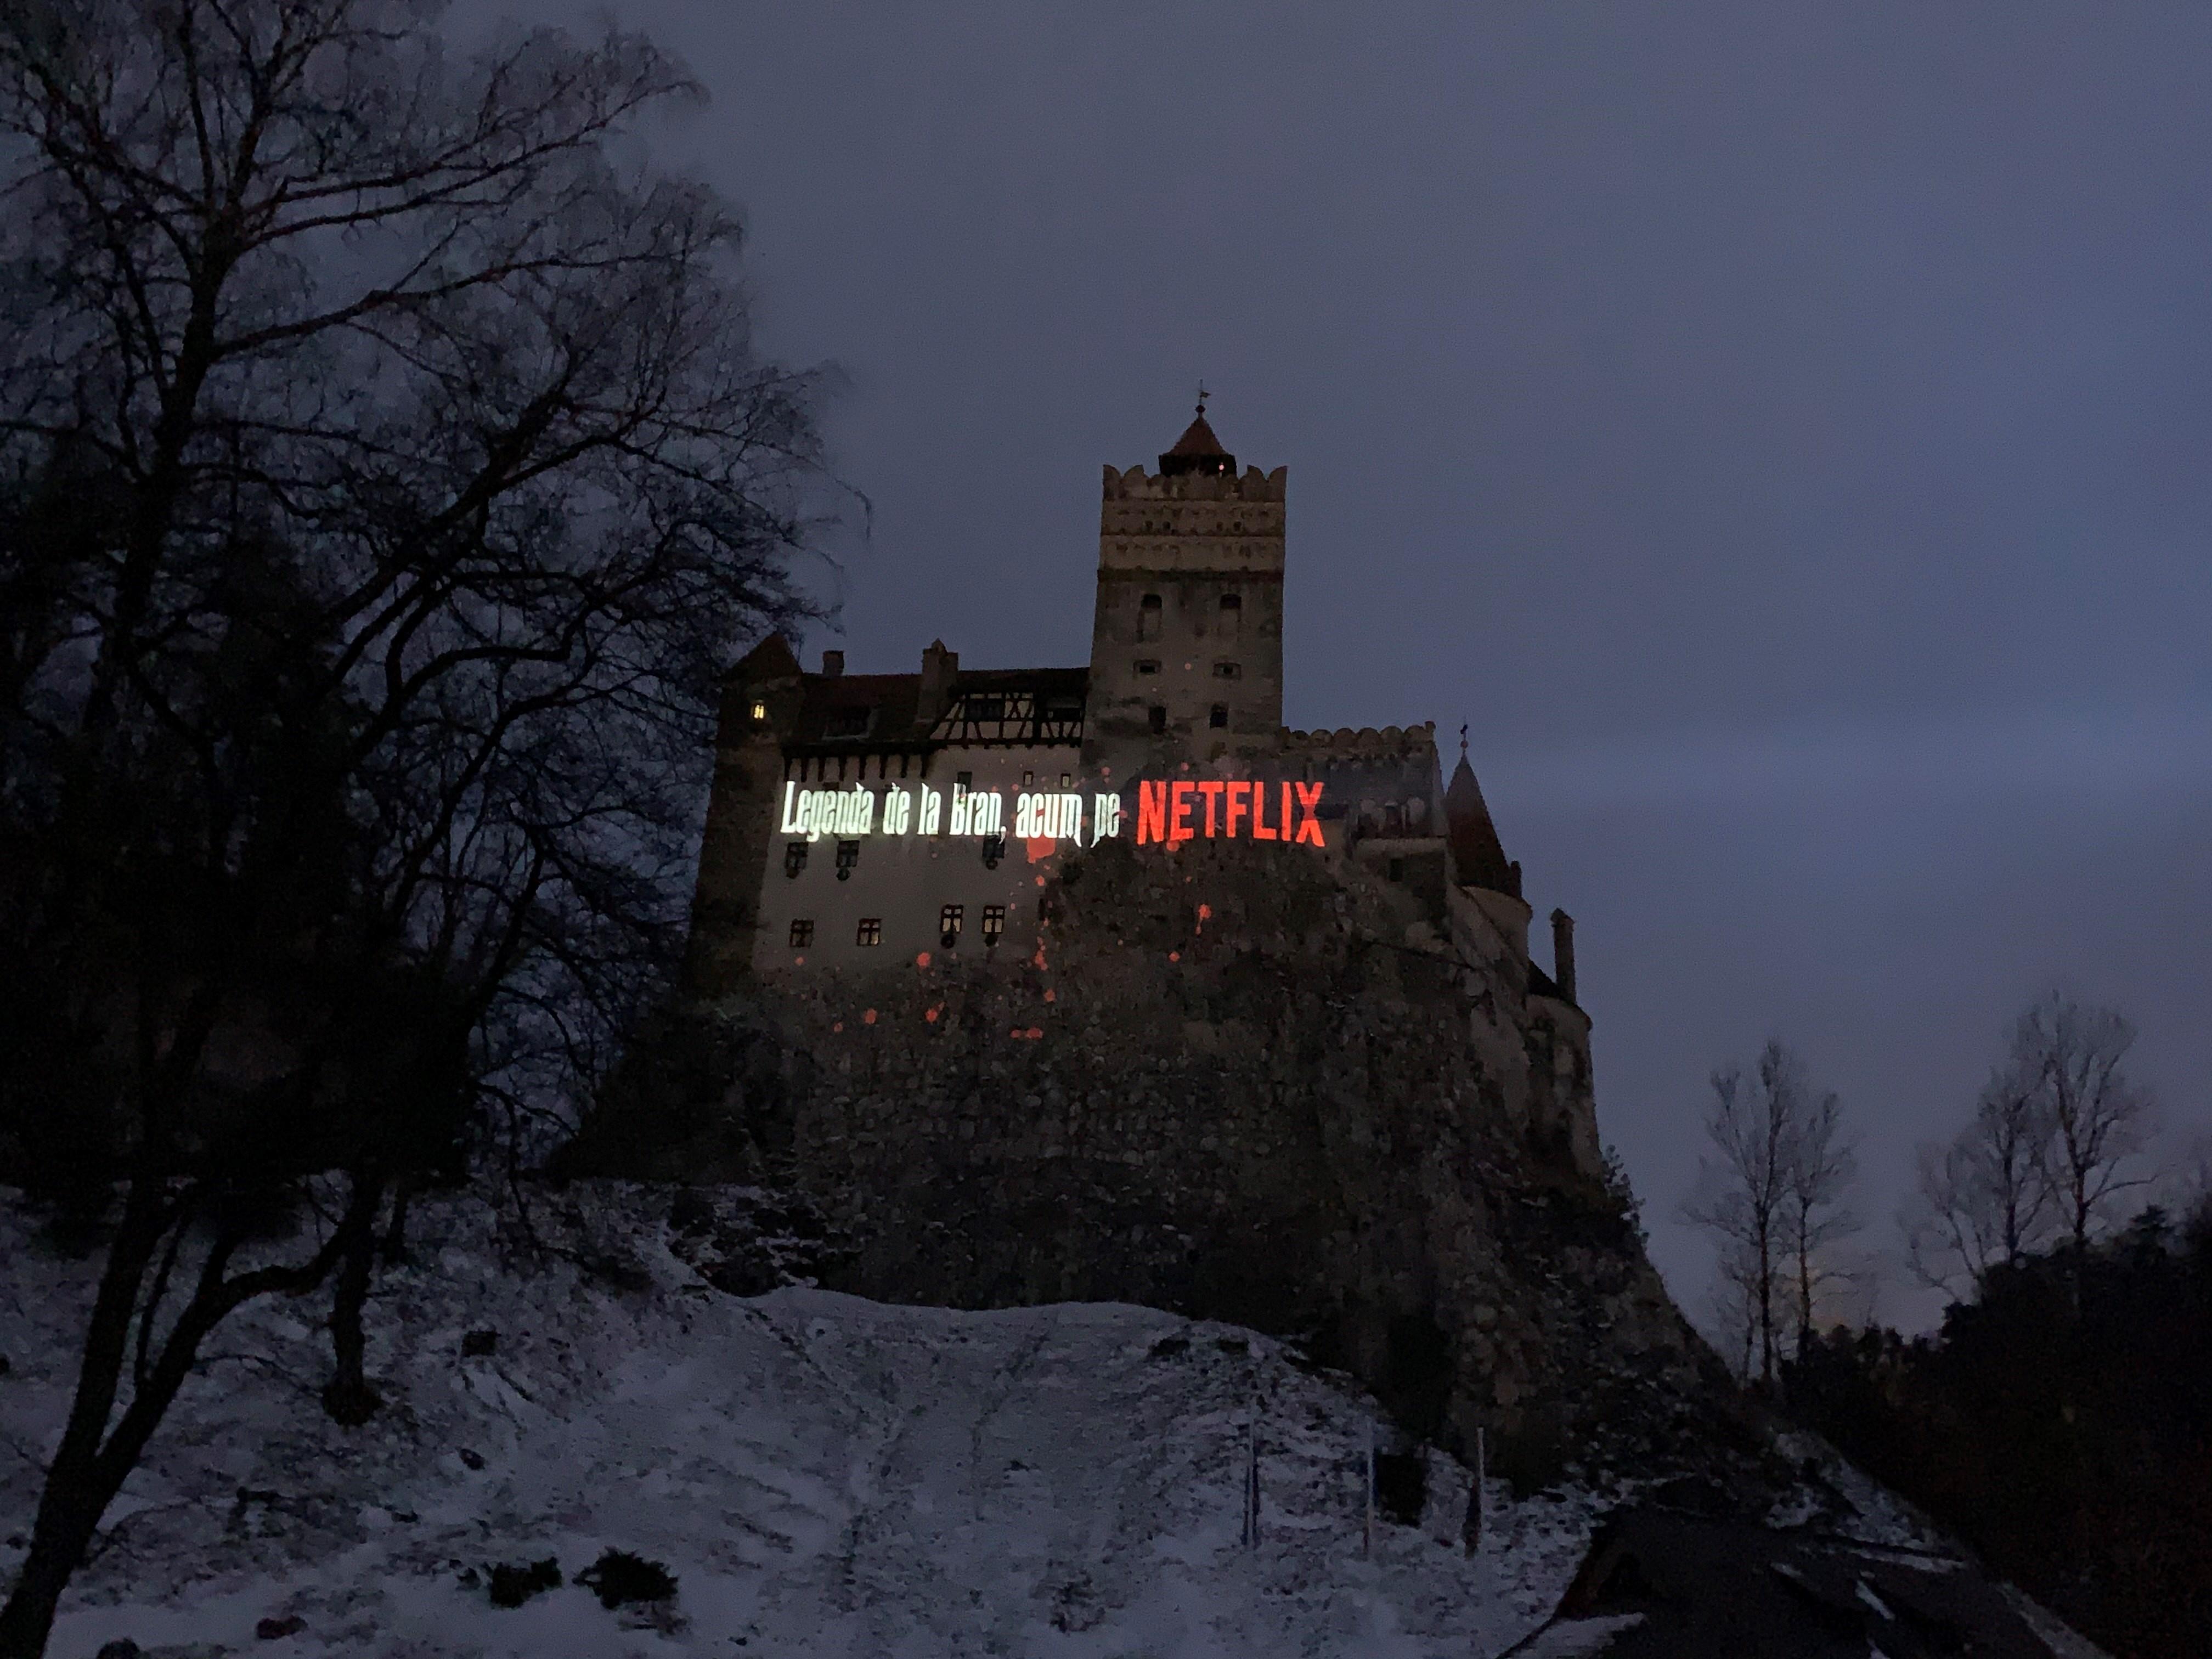 Dracula Netflix_Castelul Bran 2 afiș